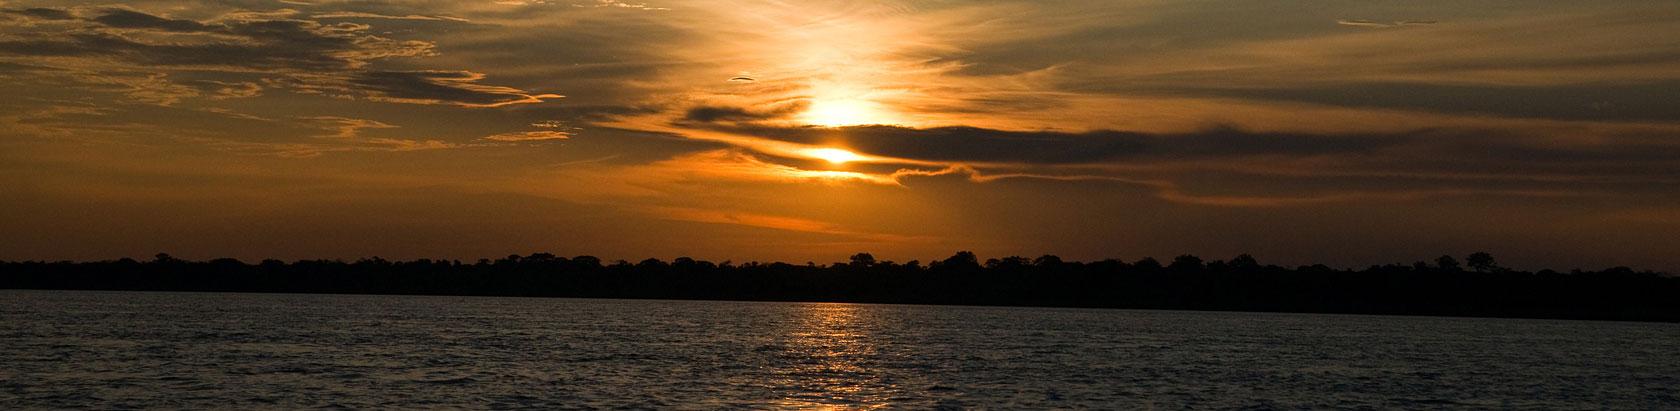 Río Amazonas © Carlos Ibarra / PromPerú